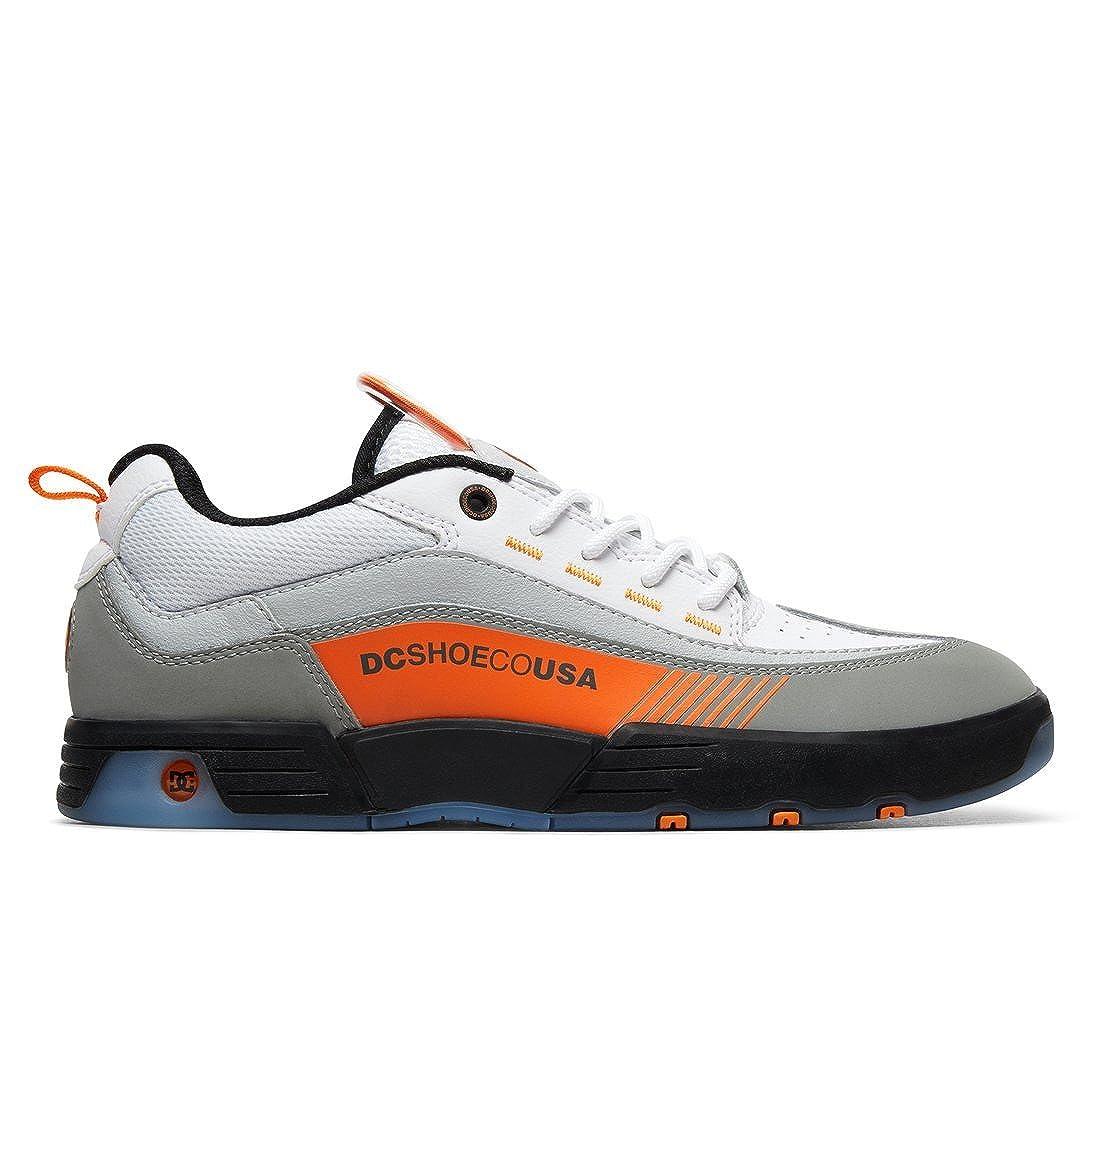 schwarz Weiß Orange DC schuhe Legacy 98 Slim - Schuhe für Männer ADYS100445